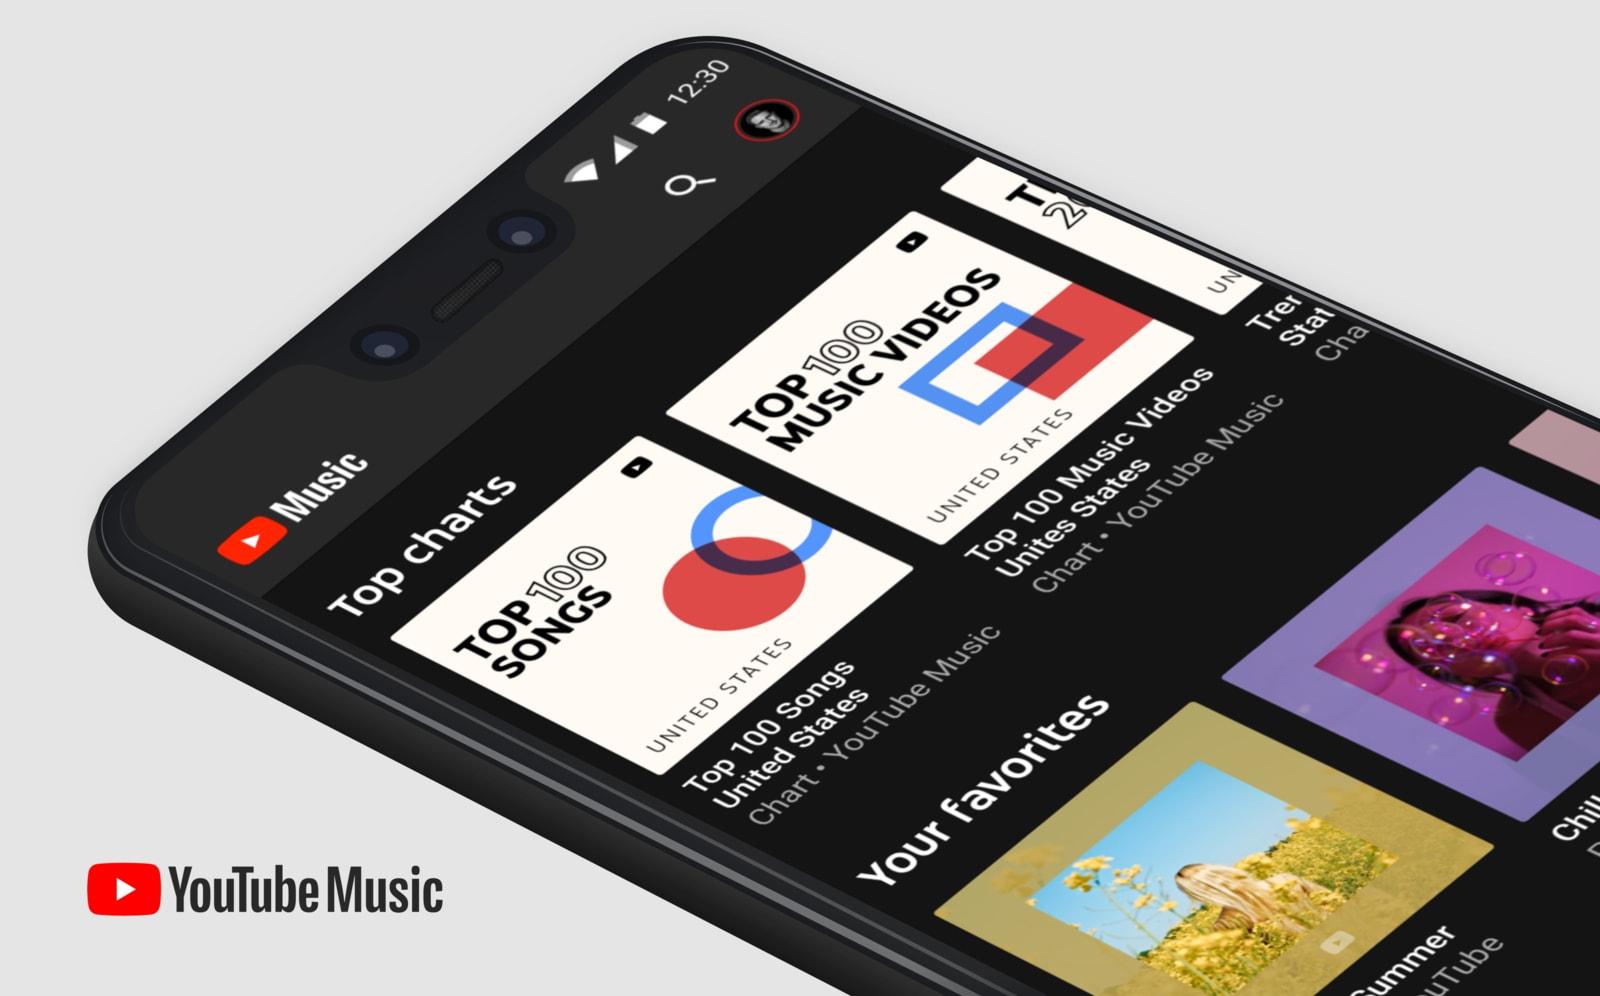 Ứng dụng YouTube Music sẽ được cài đặt sẵn trên các thiết bị Android